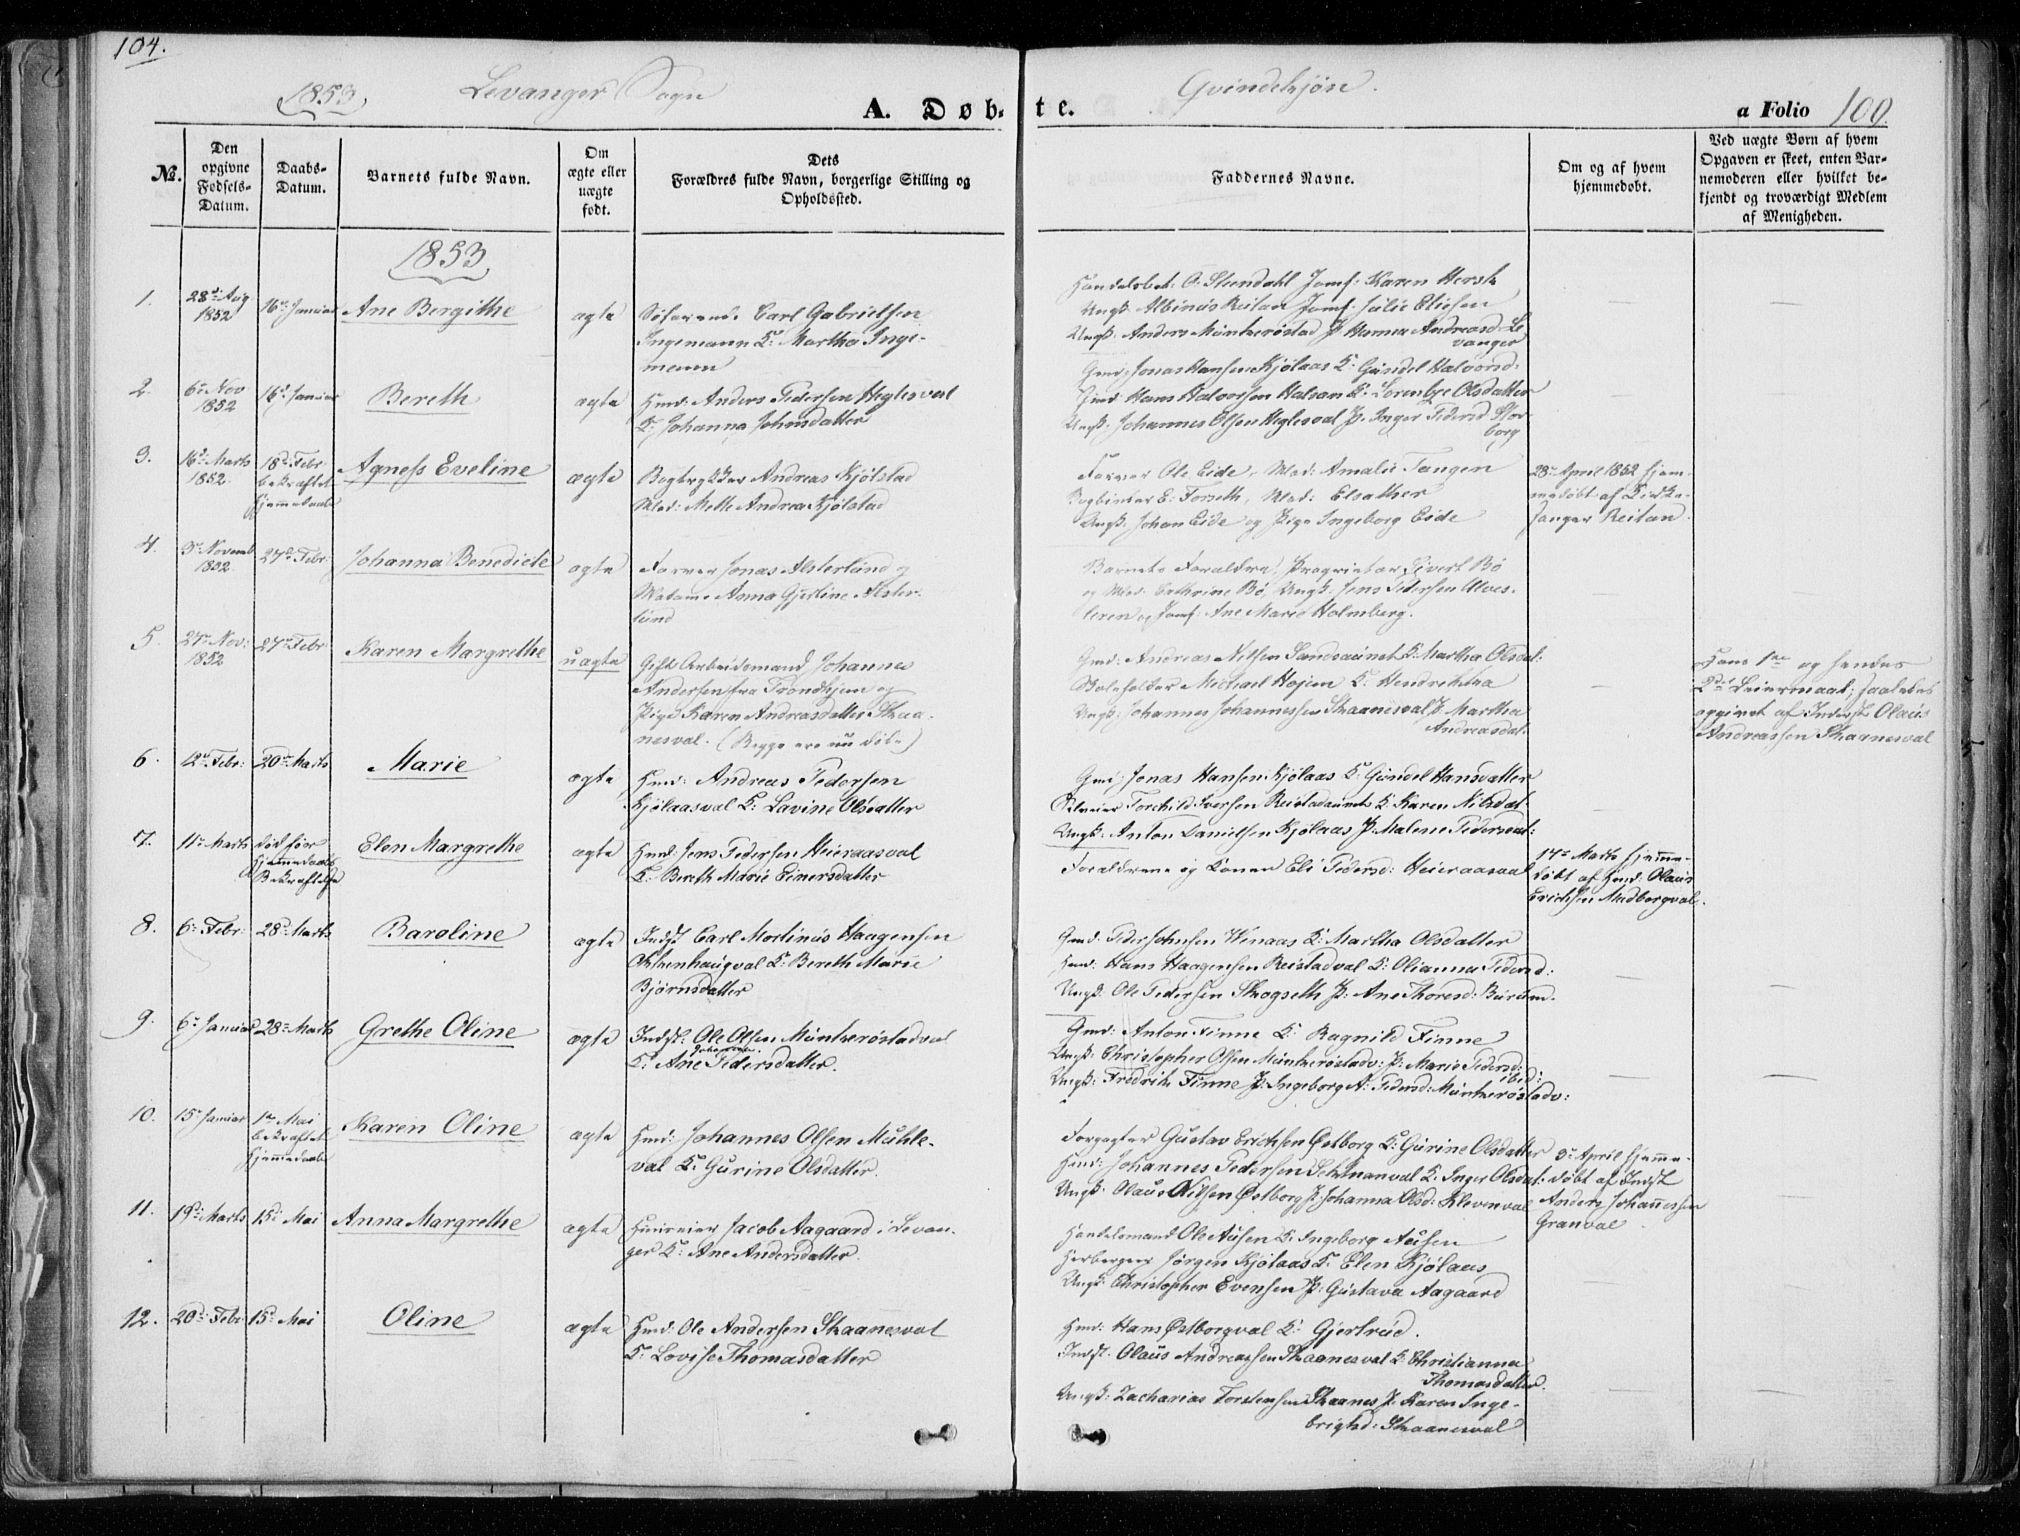 SAT, Ministerialprotokoller, klokkerbøker og fødselsregistre - Nord-Trøndelag, 720/L0183: Ministerialbok nr. 720A01, 1836-1855, s. 100